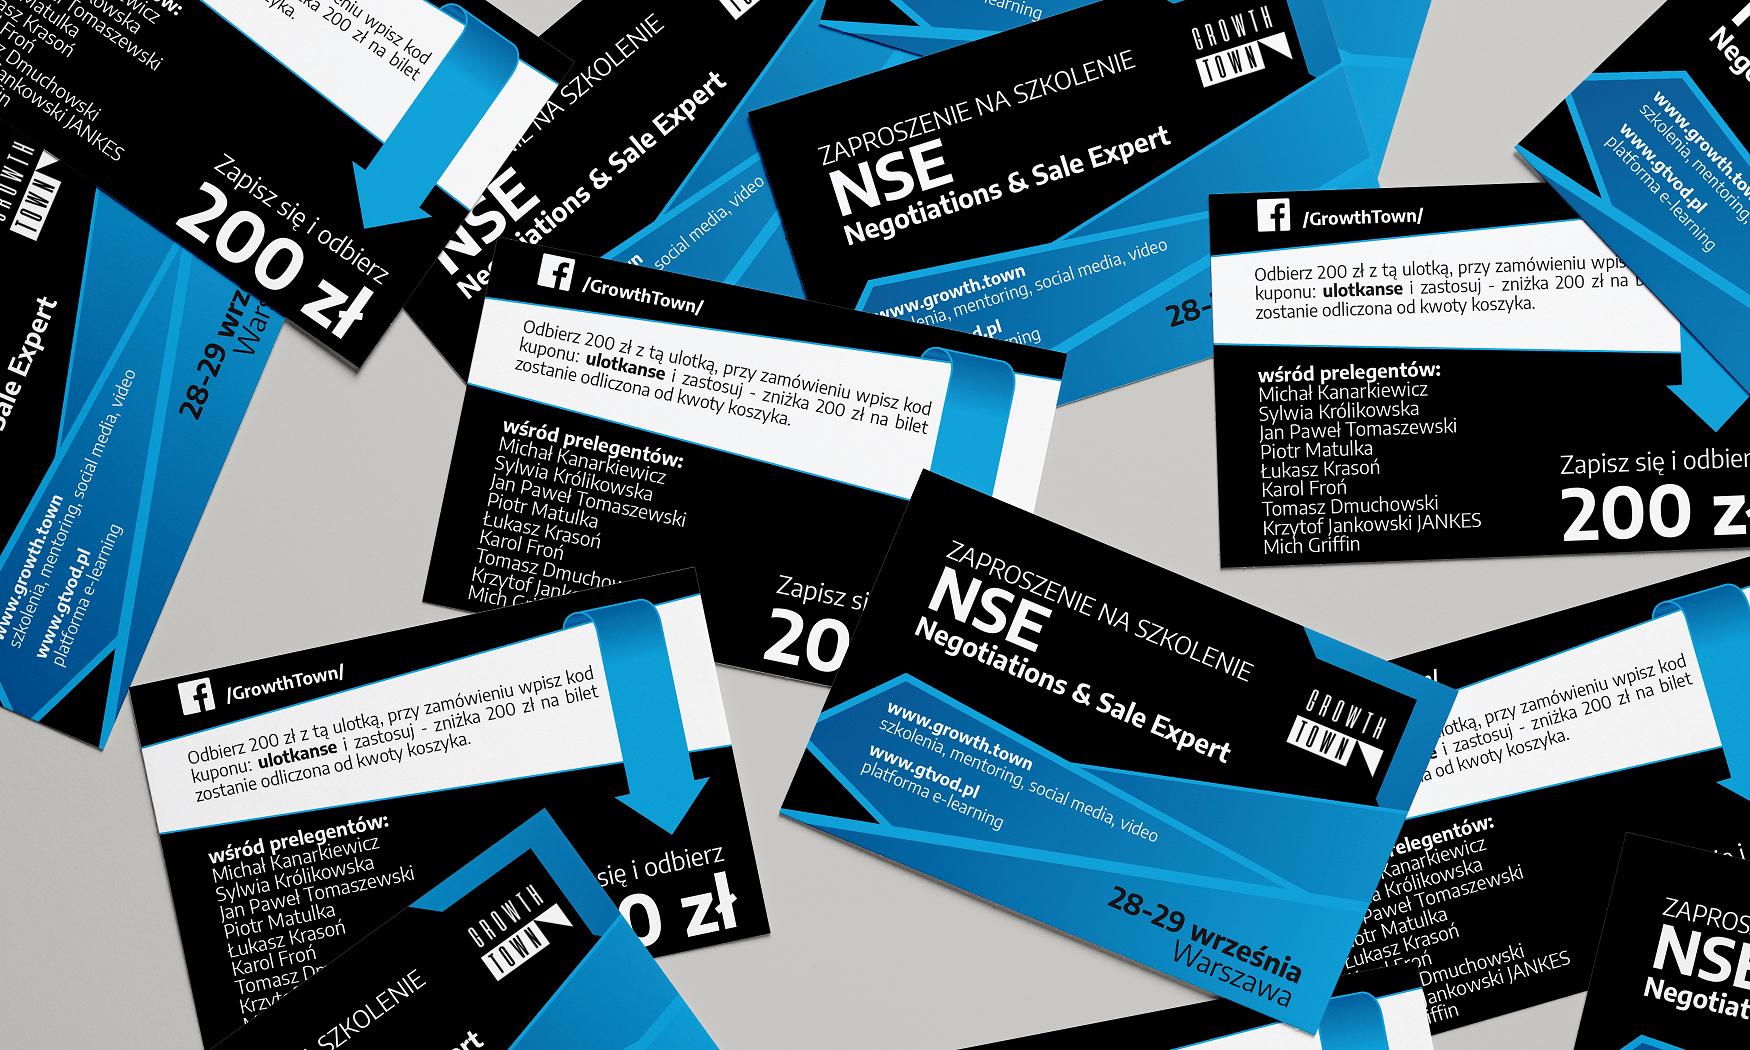 Projekt zaproszenia A7 na konferencję NSE